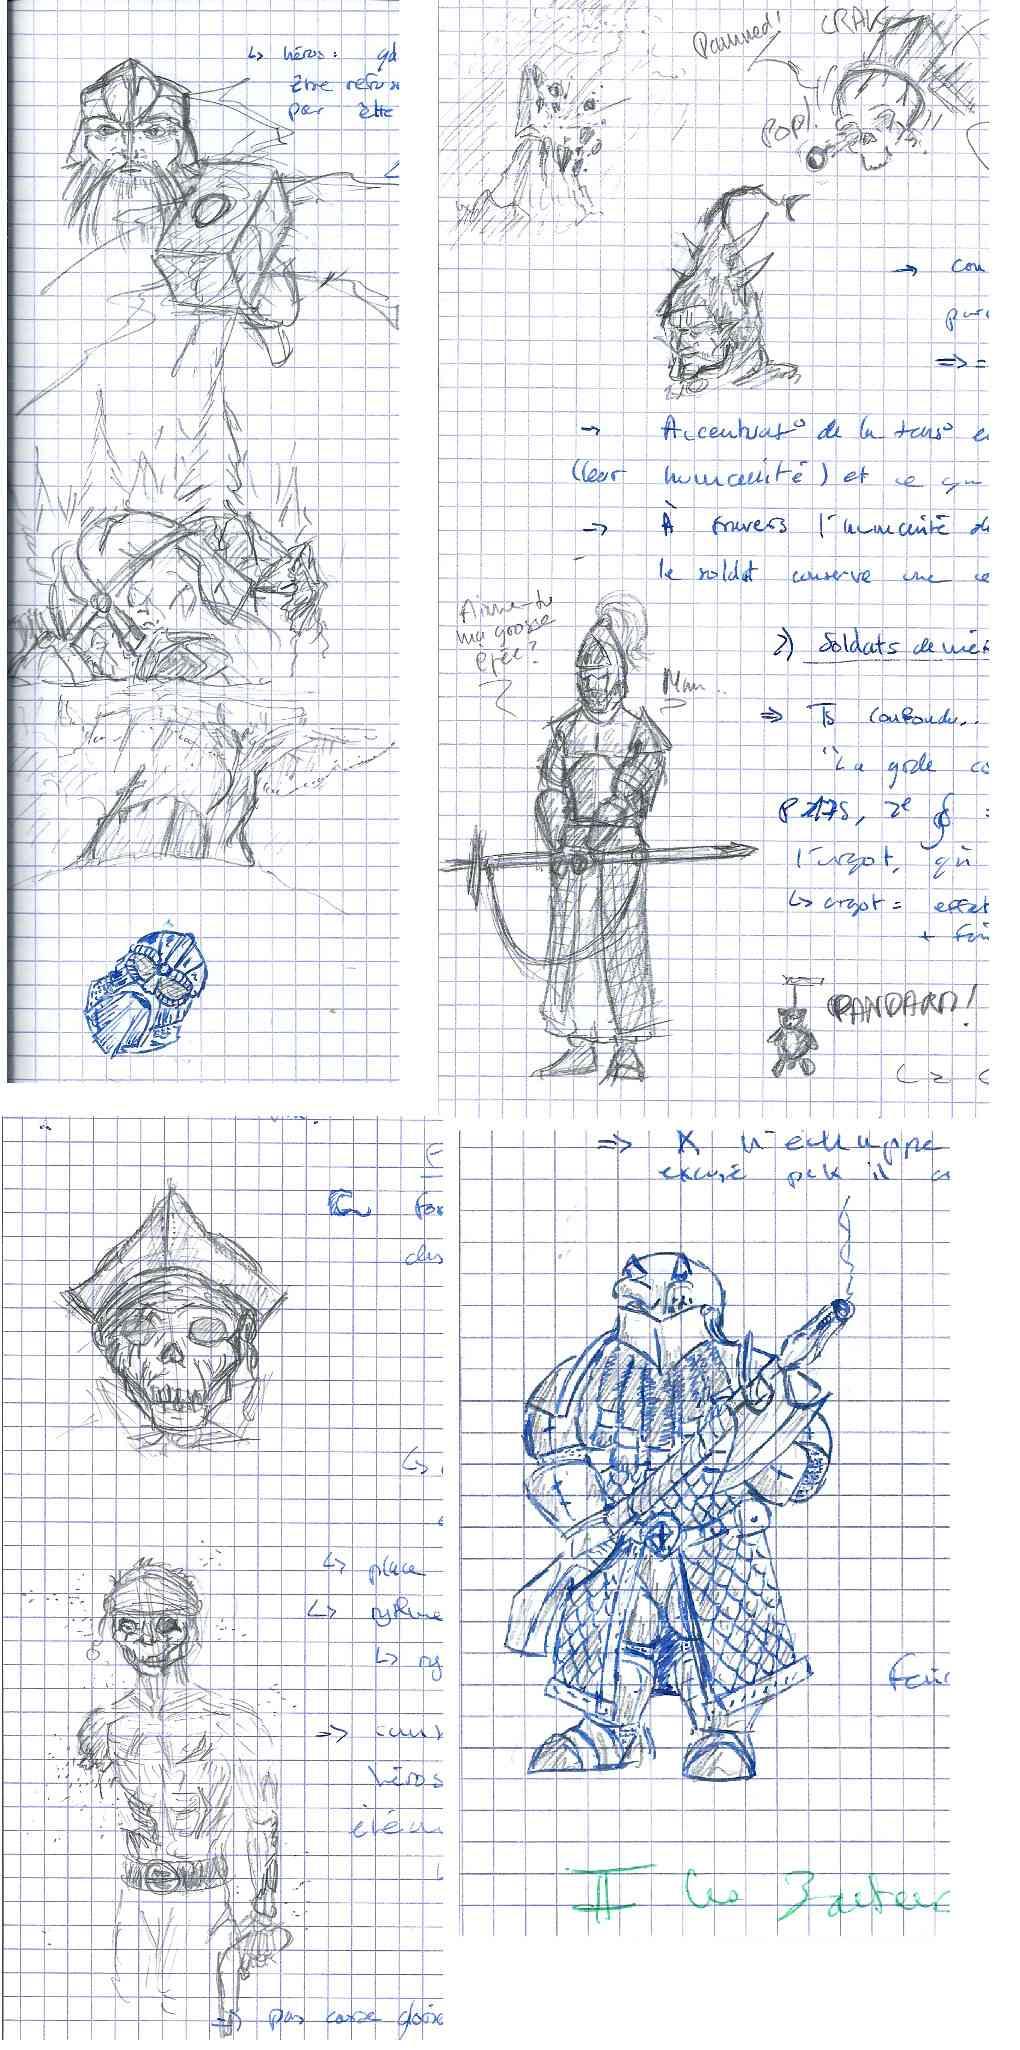 Les dessins de Gromdal - Page 5 Franca12